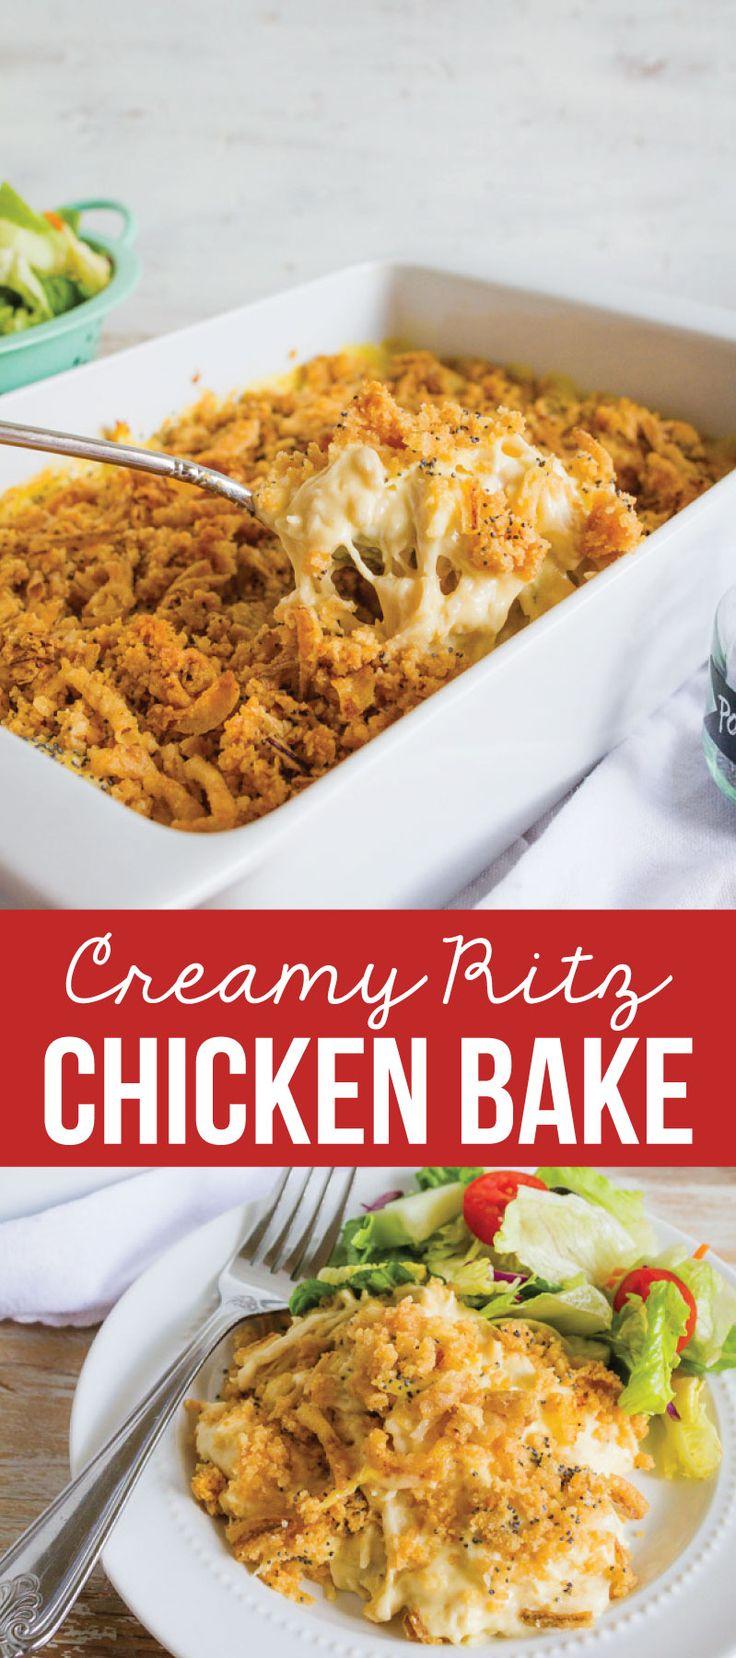 Creamy Ritz Chicken Bake